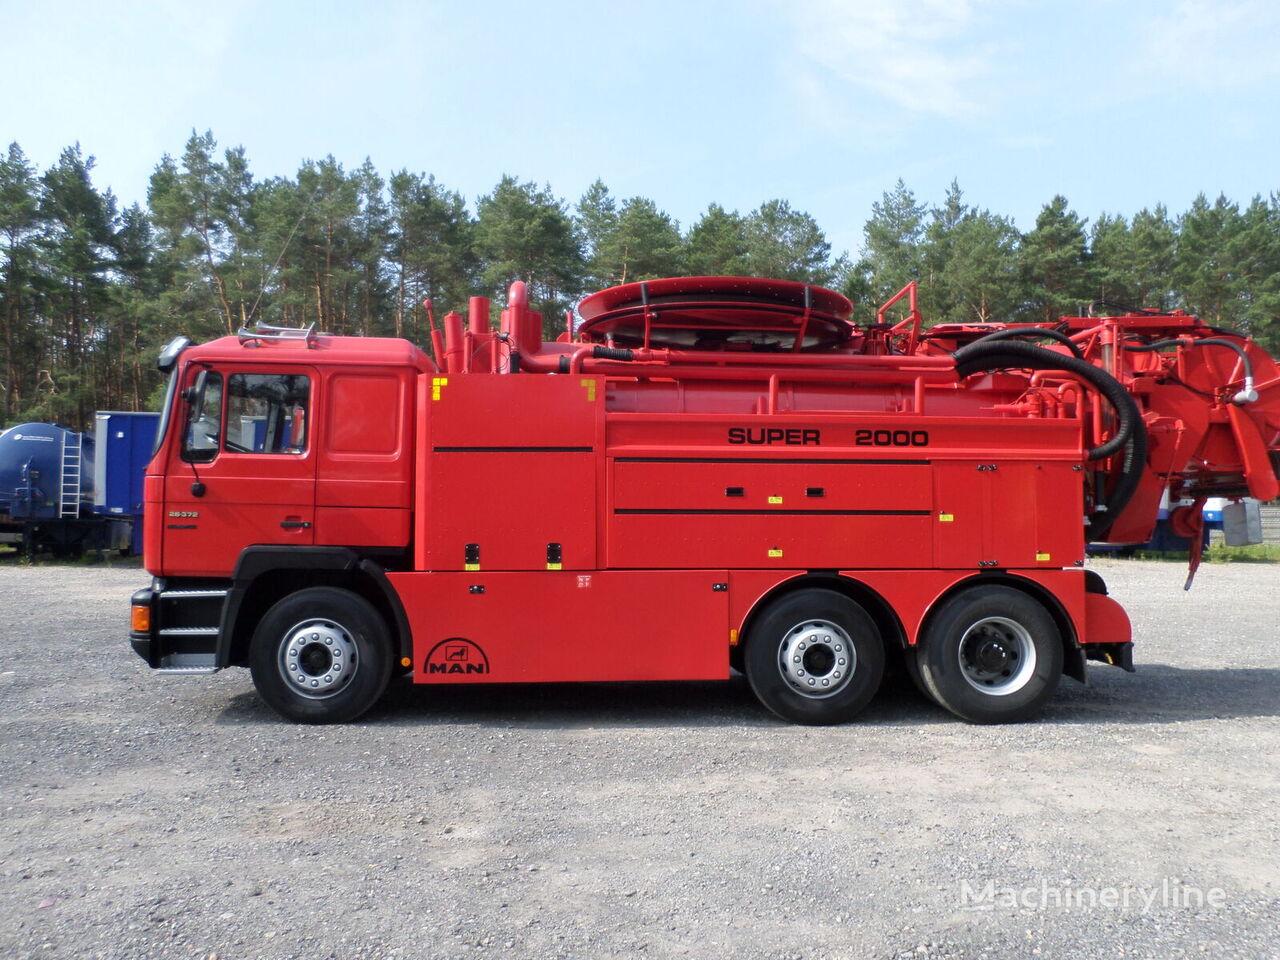 MAN 26.372 6x2 WUKO Wiedemann & Reichhardt Super 2000 Recycling sewer jetter truck